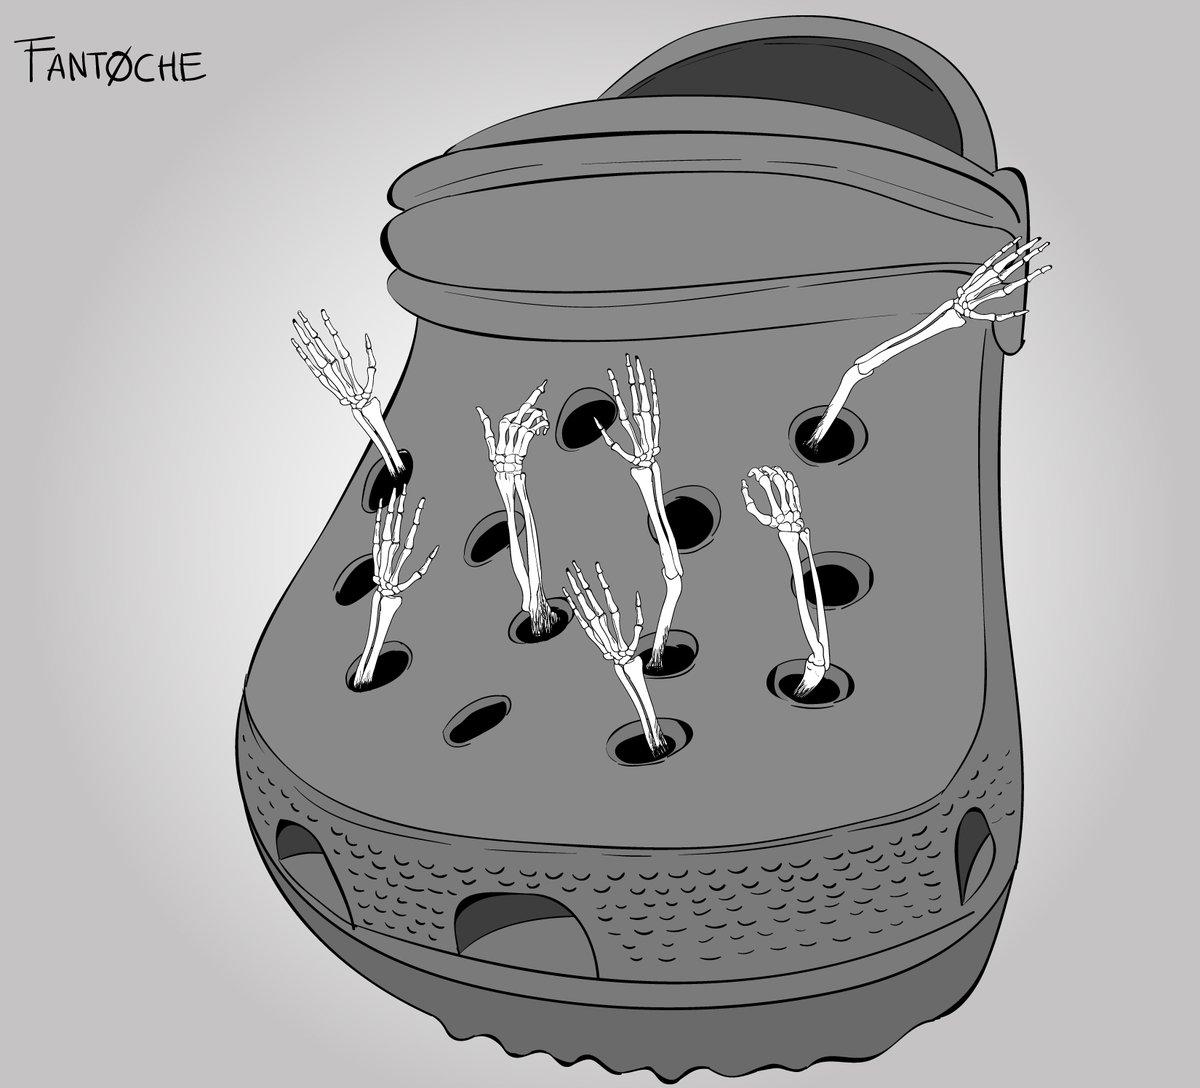 El símbolo. Nueva #Fantochada https://t.co/eUB49zsNbo